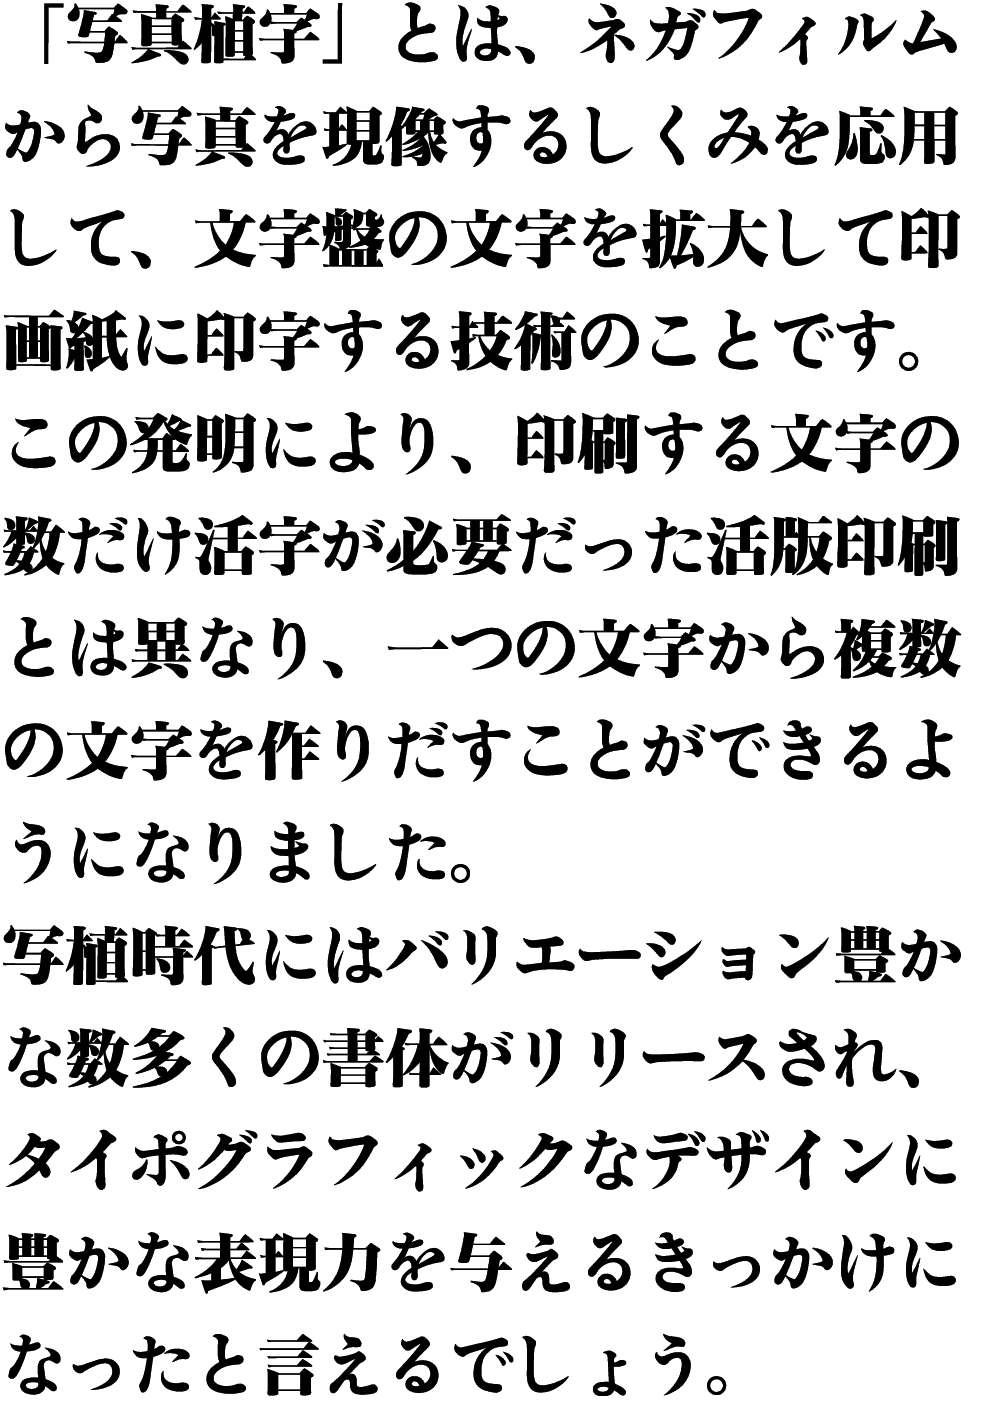 アンチック(大見出し) KE-A 横組見本